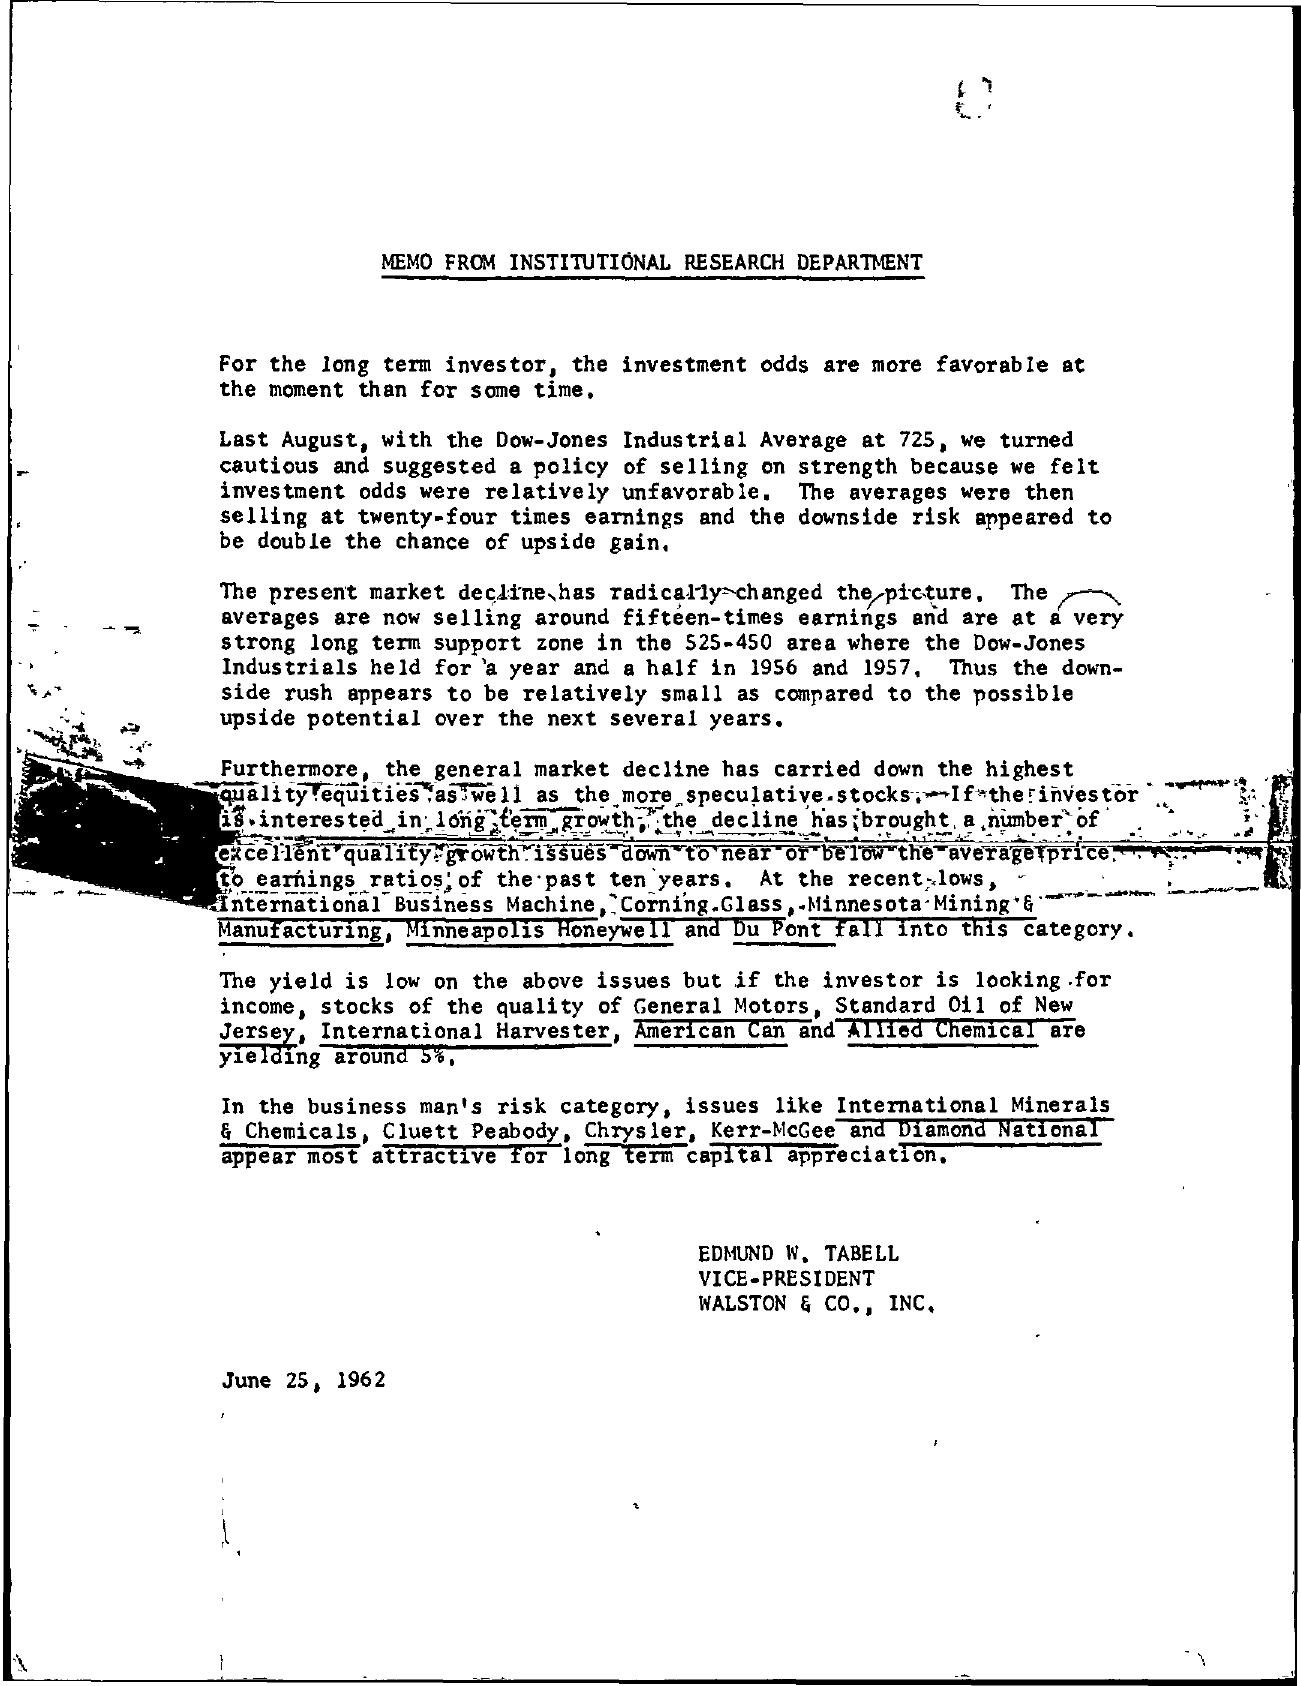 Tabell's Market Letter - June 25, 1962